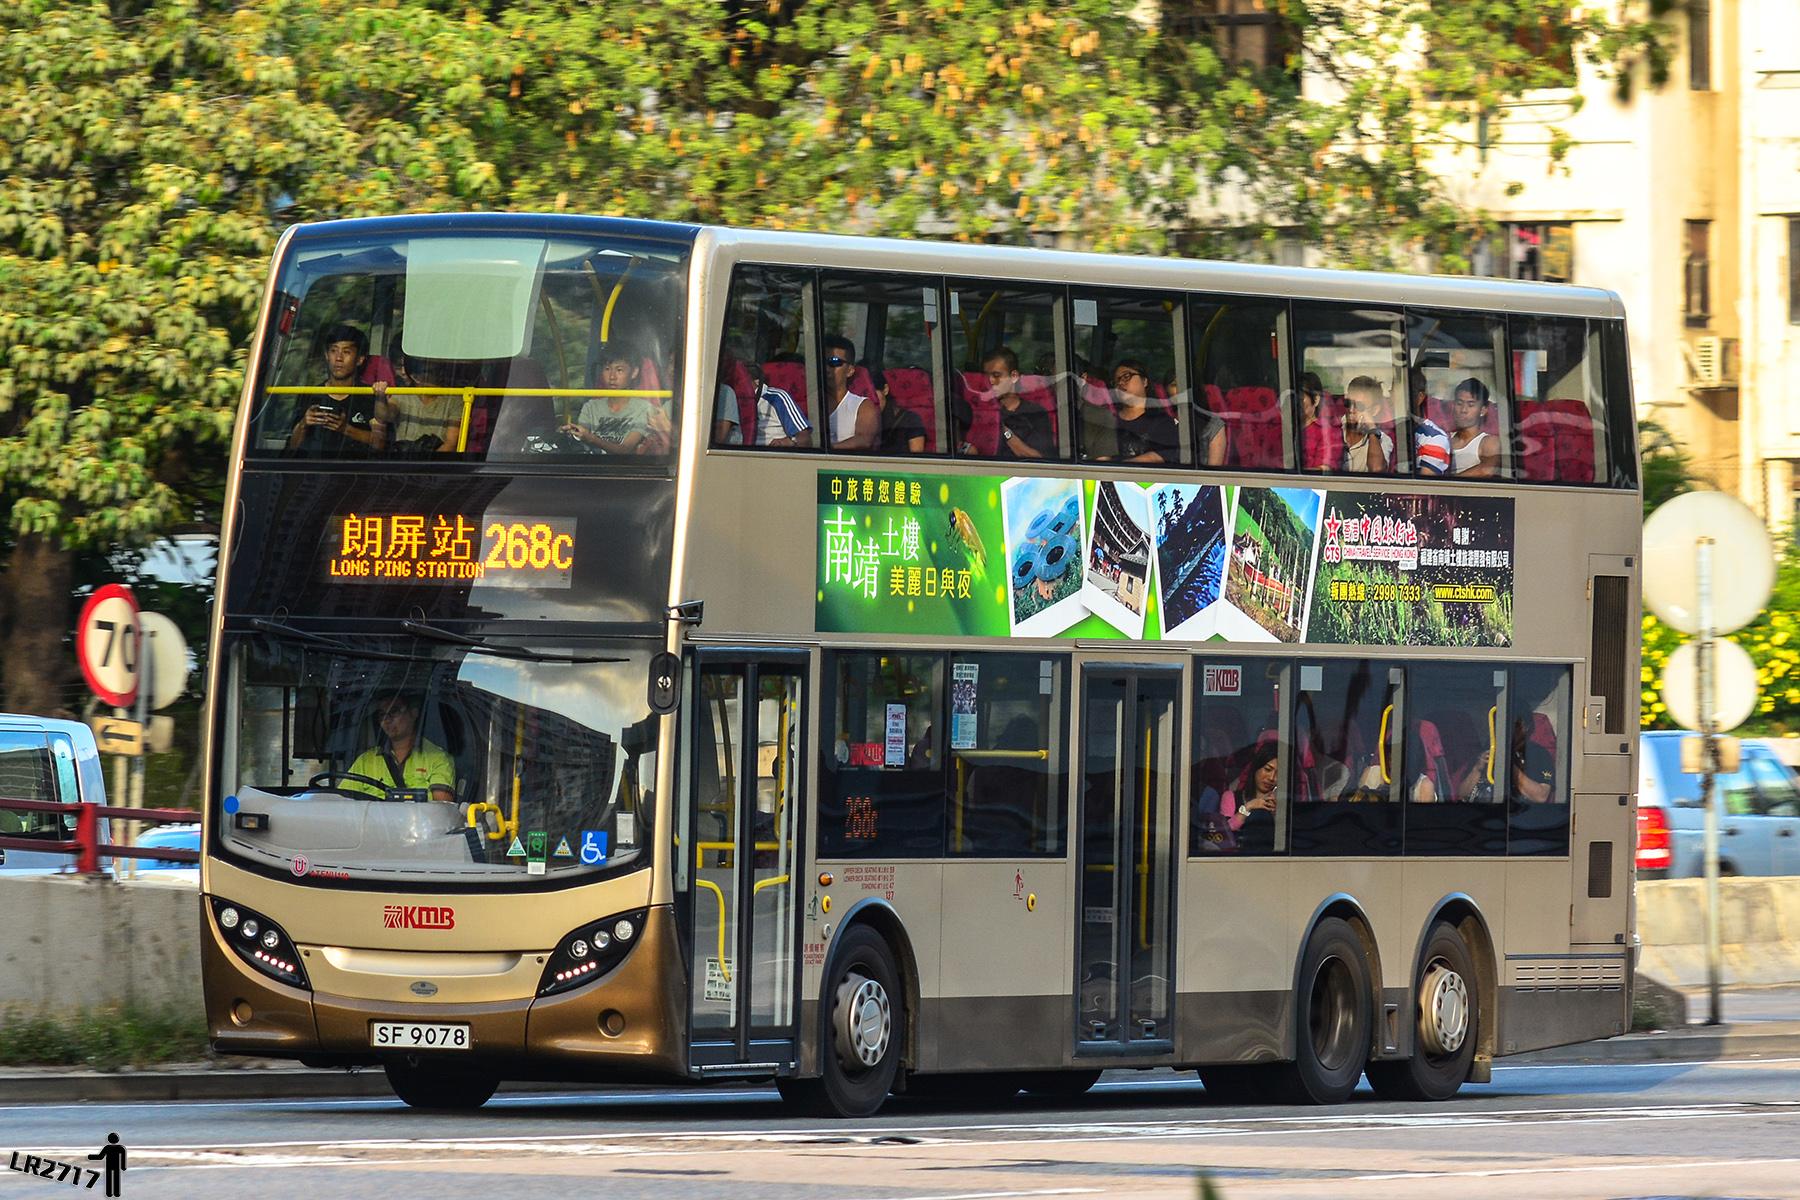 九巴268C線 | 香港巴士大典 | FANDOM powered by Wikia